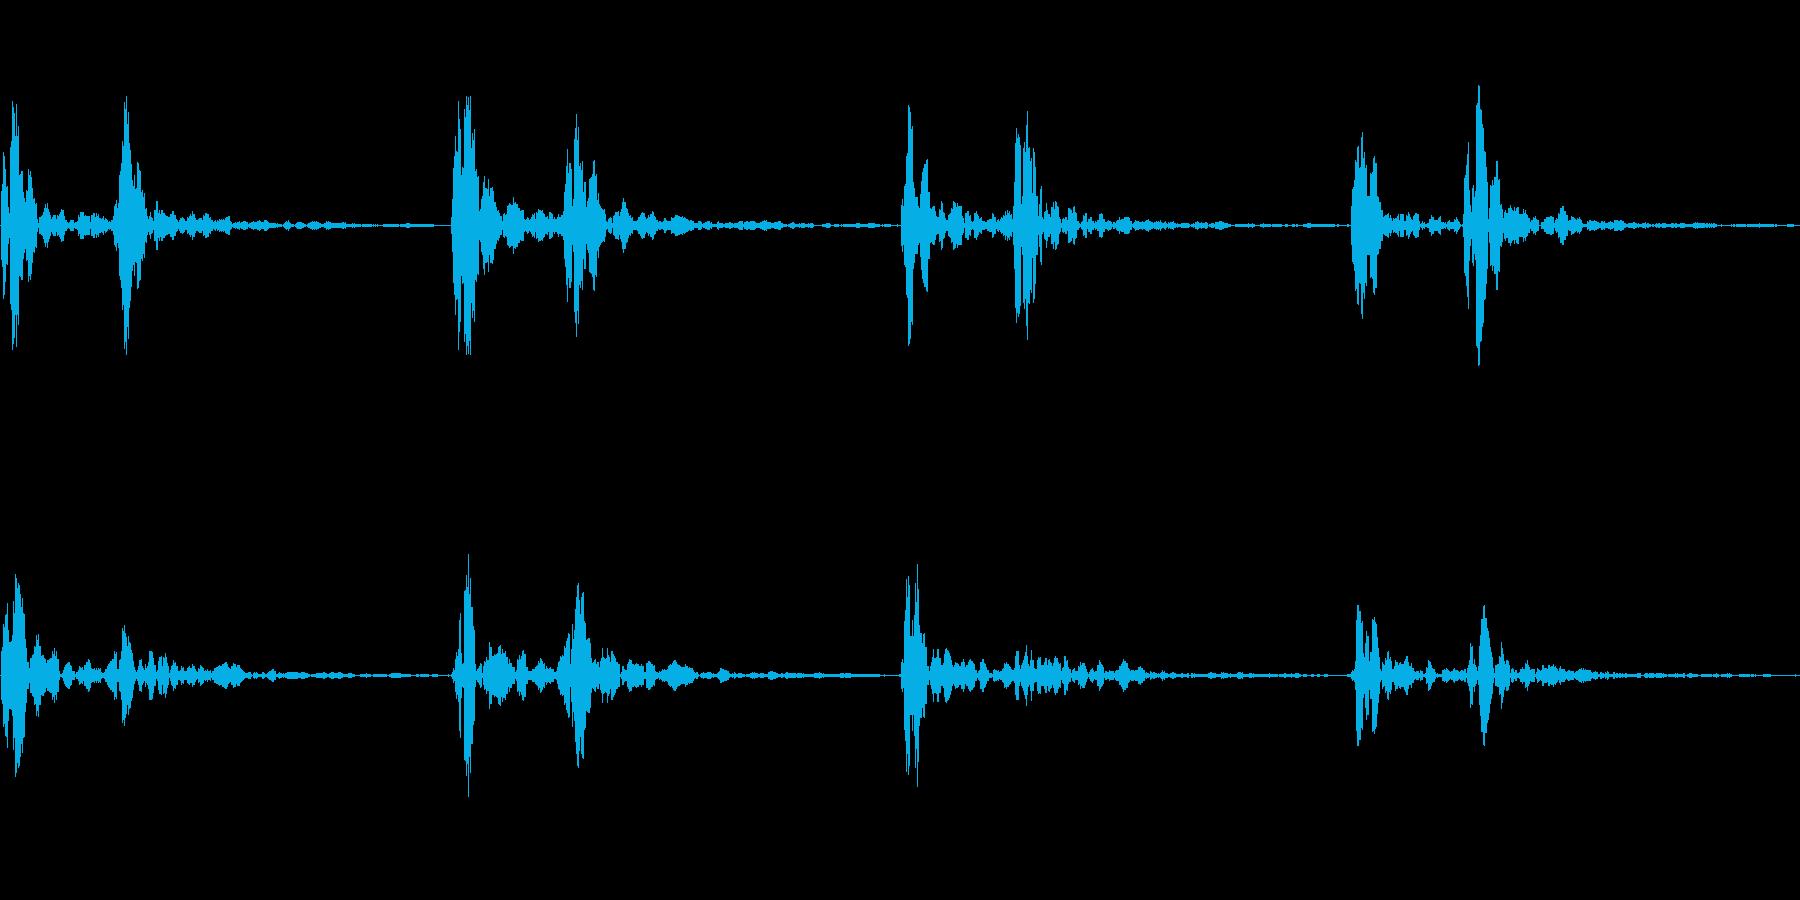 心臓の鼓動_その3の再生済みの波形